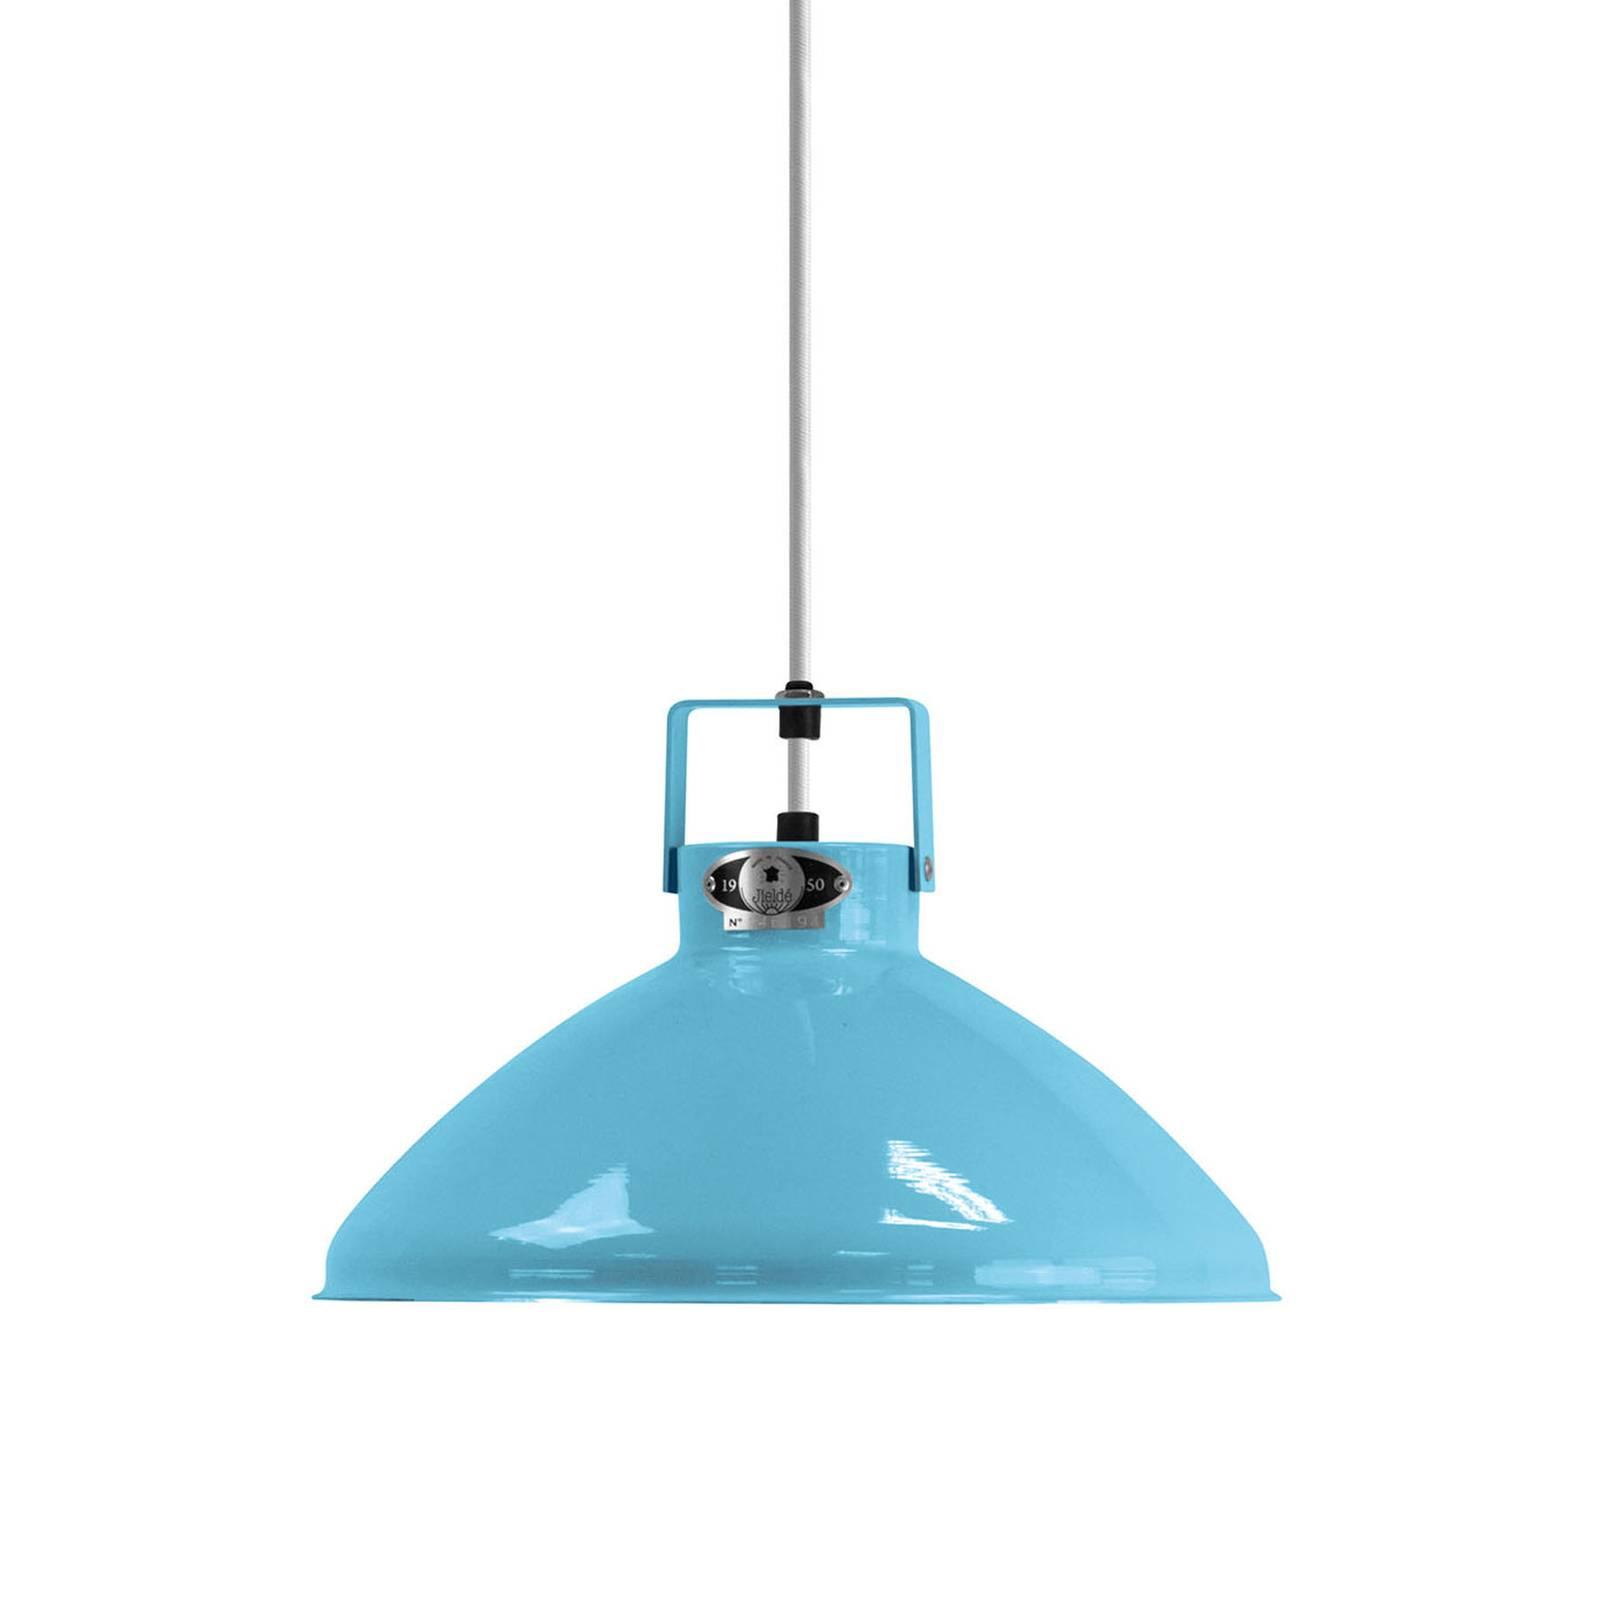 Jieldé Beaumont B240 lampa wisząca jasnoniebieska